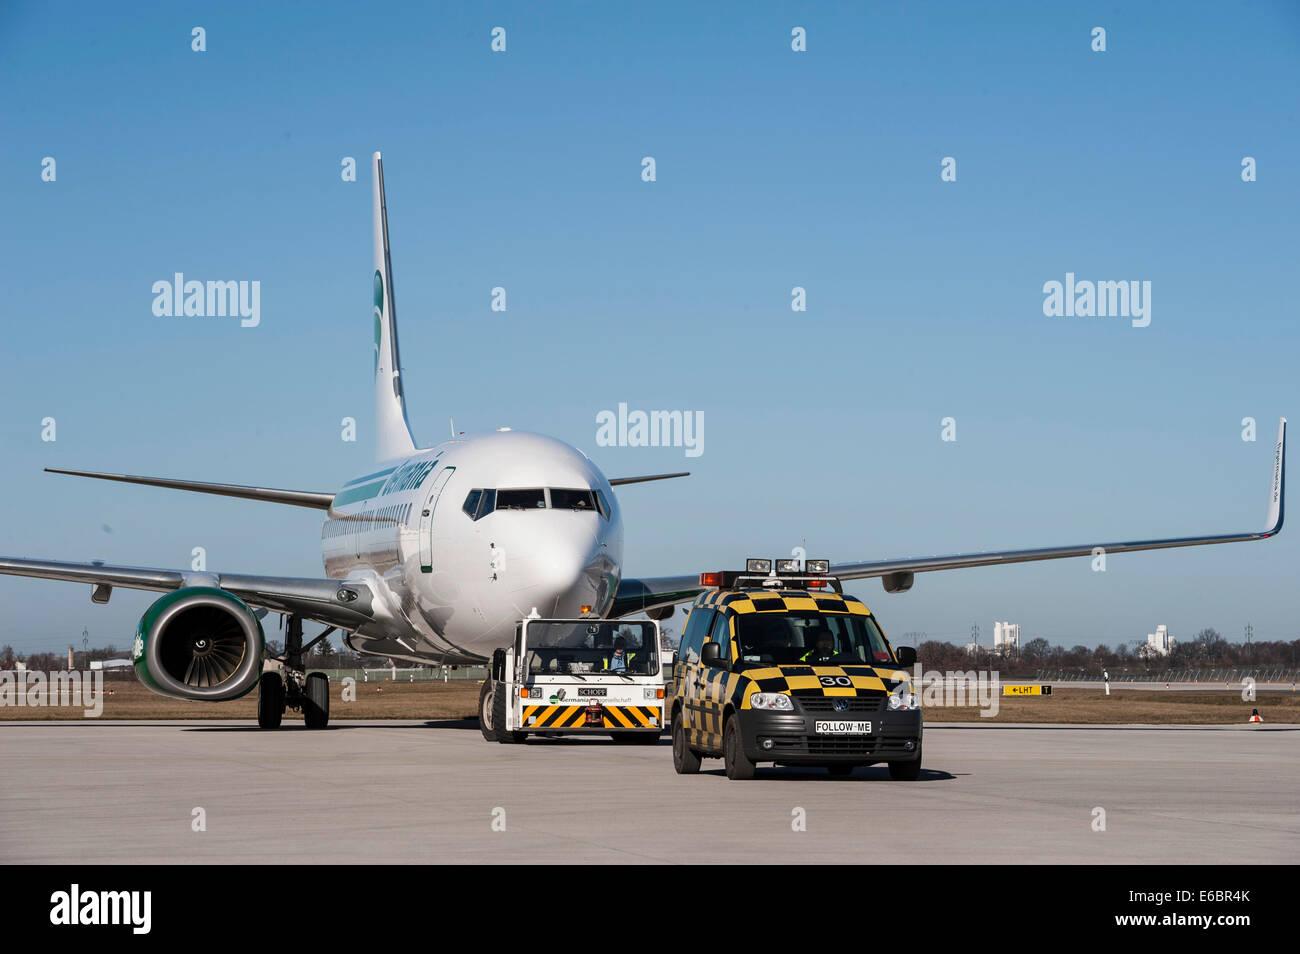 Aeromobili con un follow-me auto, dall'aeroporto Berlin Brandenburg International BBI, Berlino, Germania Immagini Stock